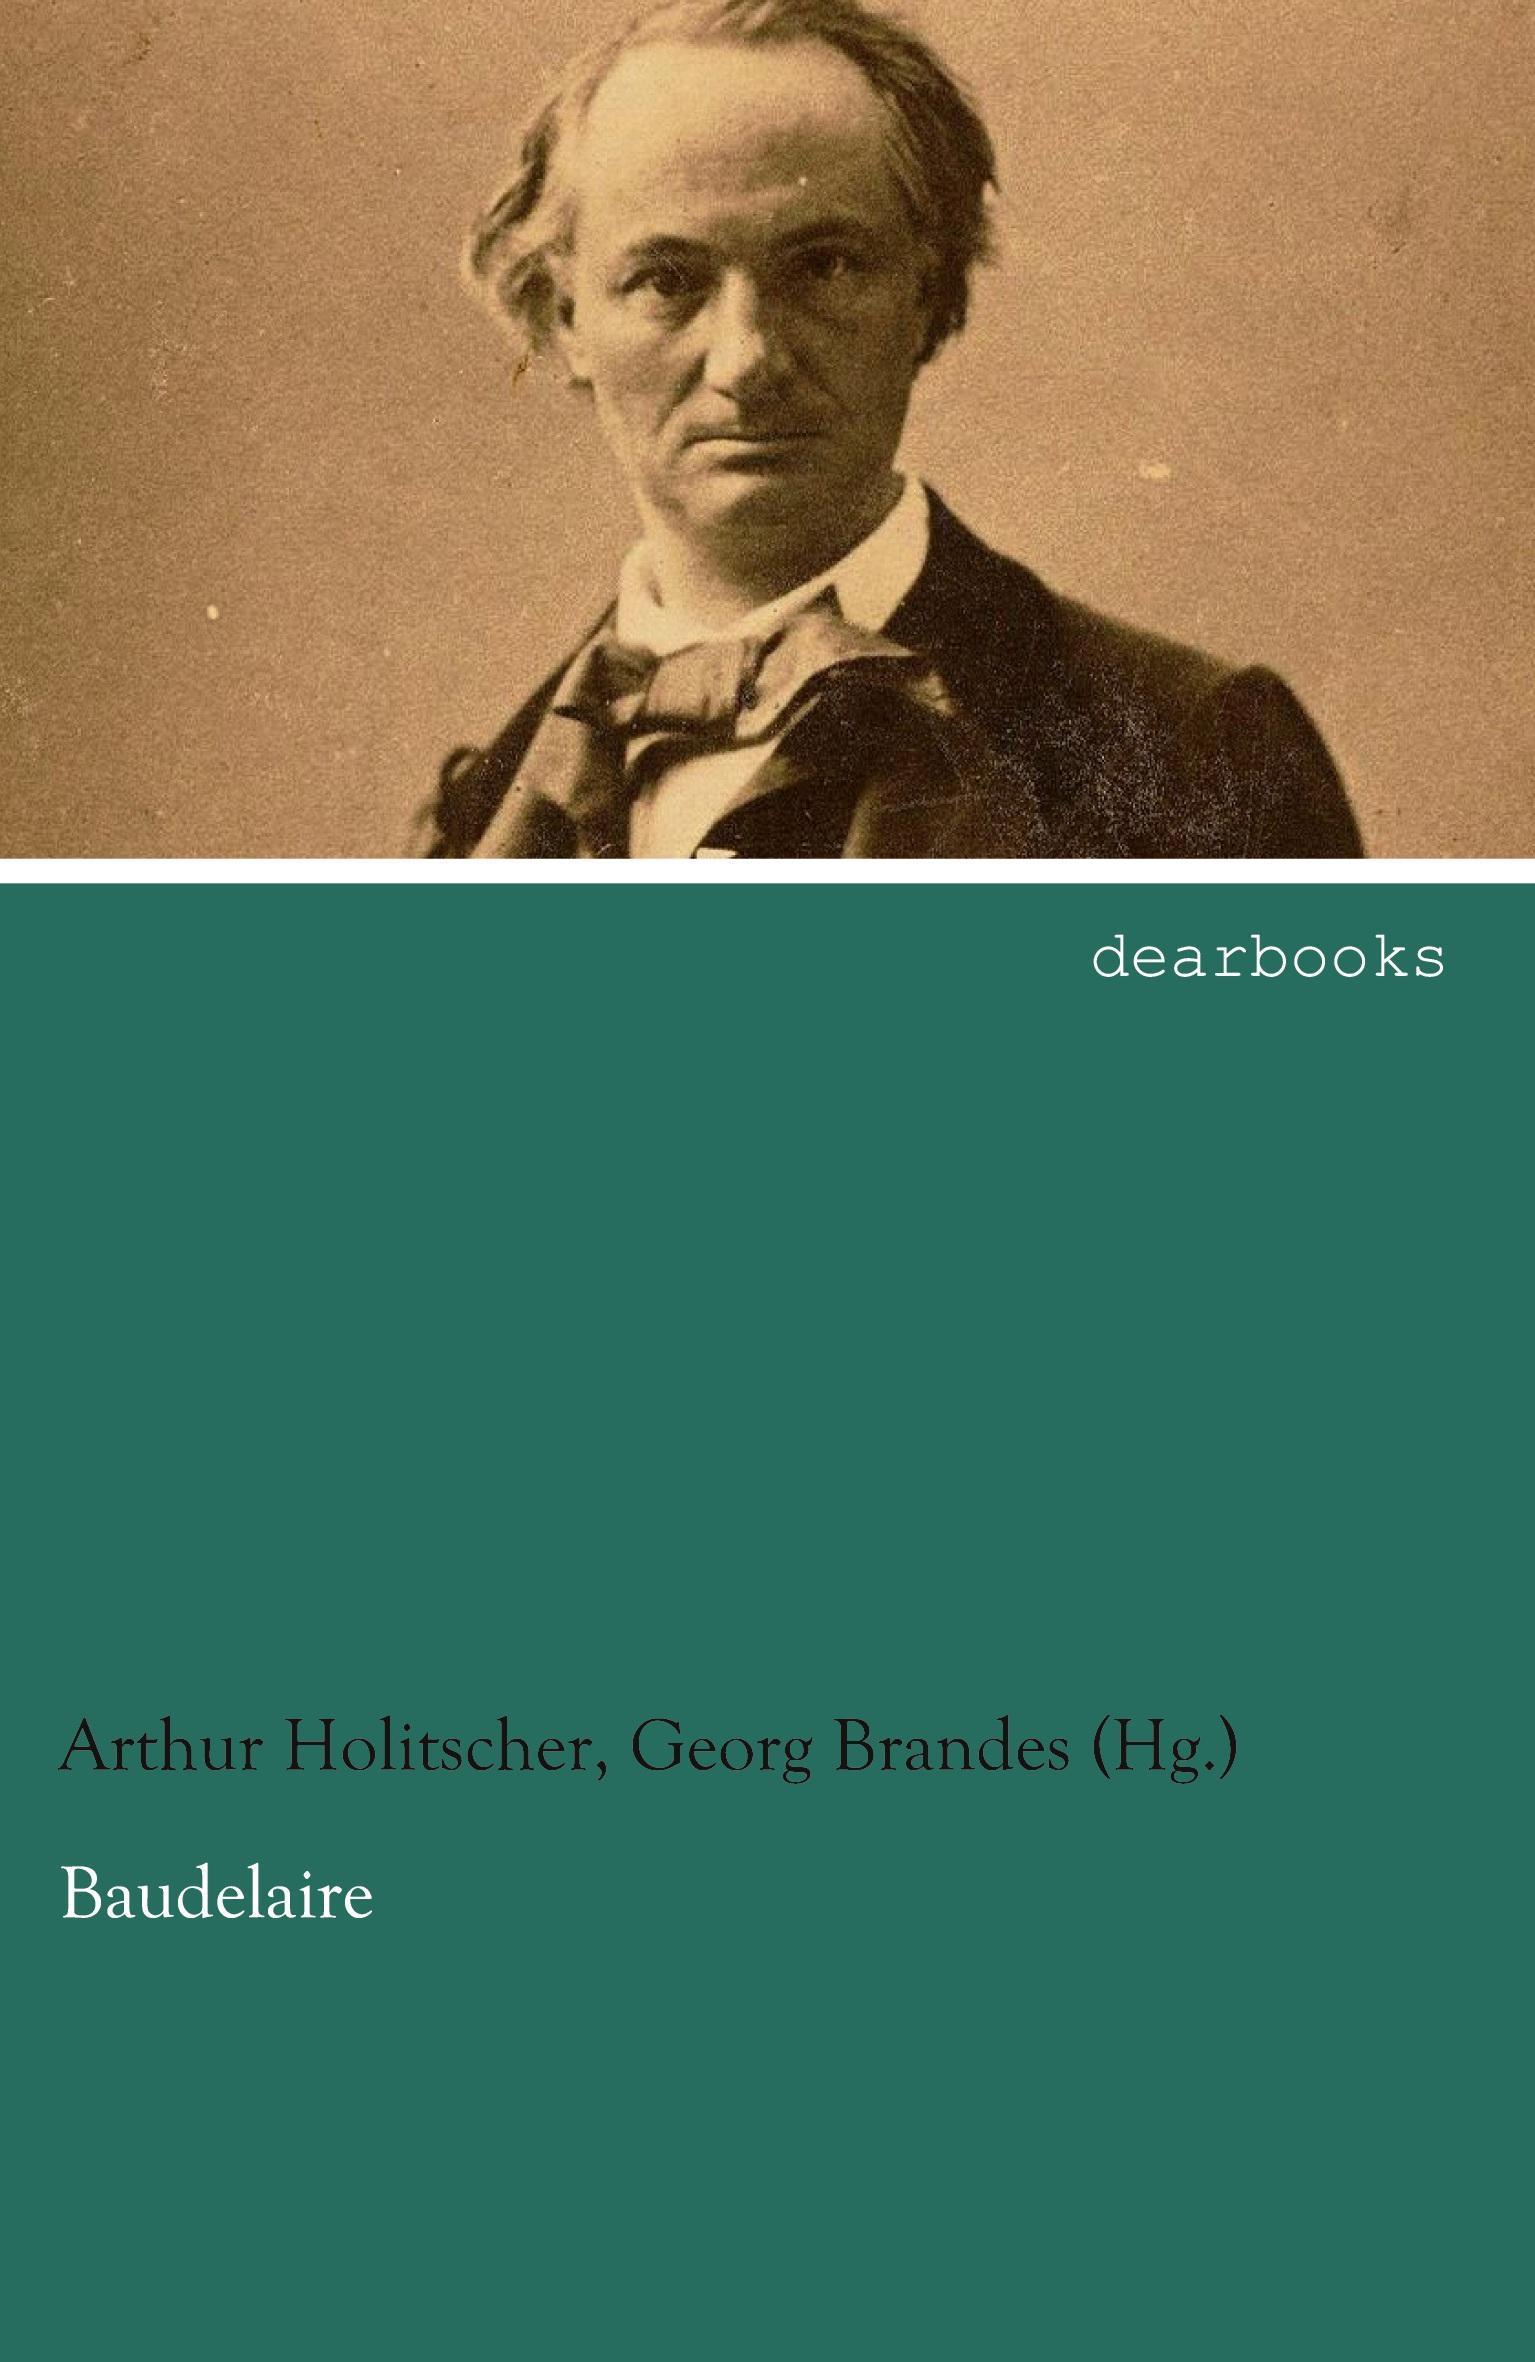 Baudelaire, Arthur Holitscher